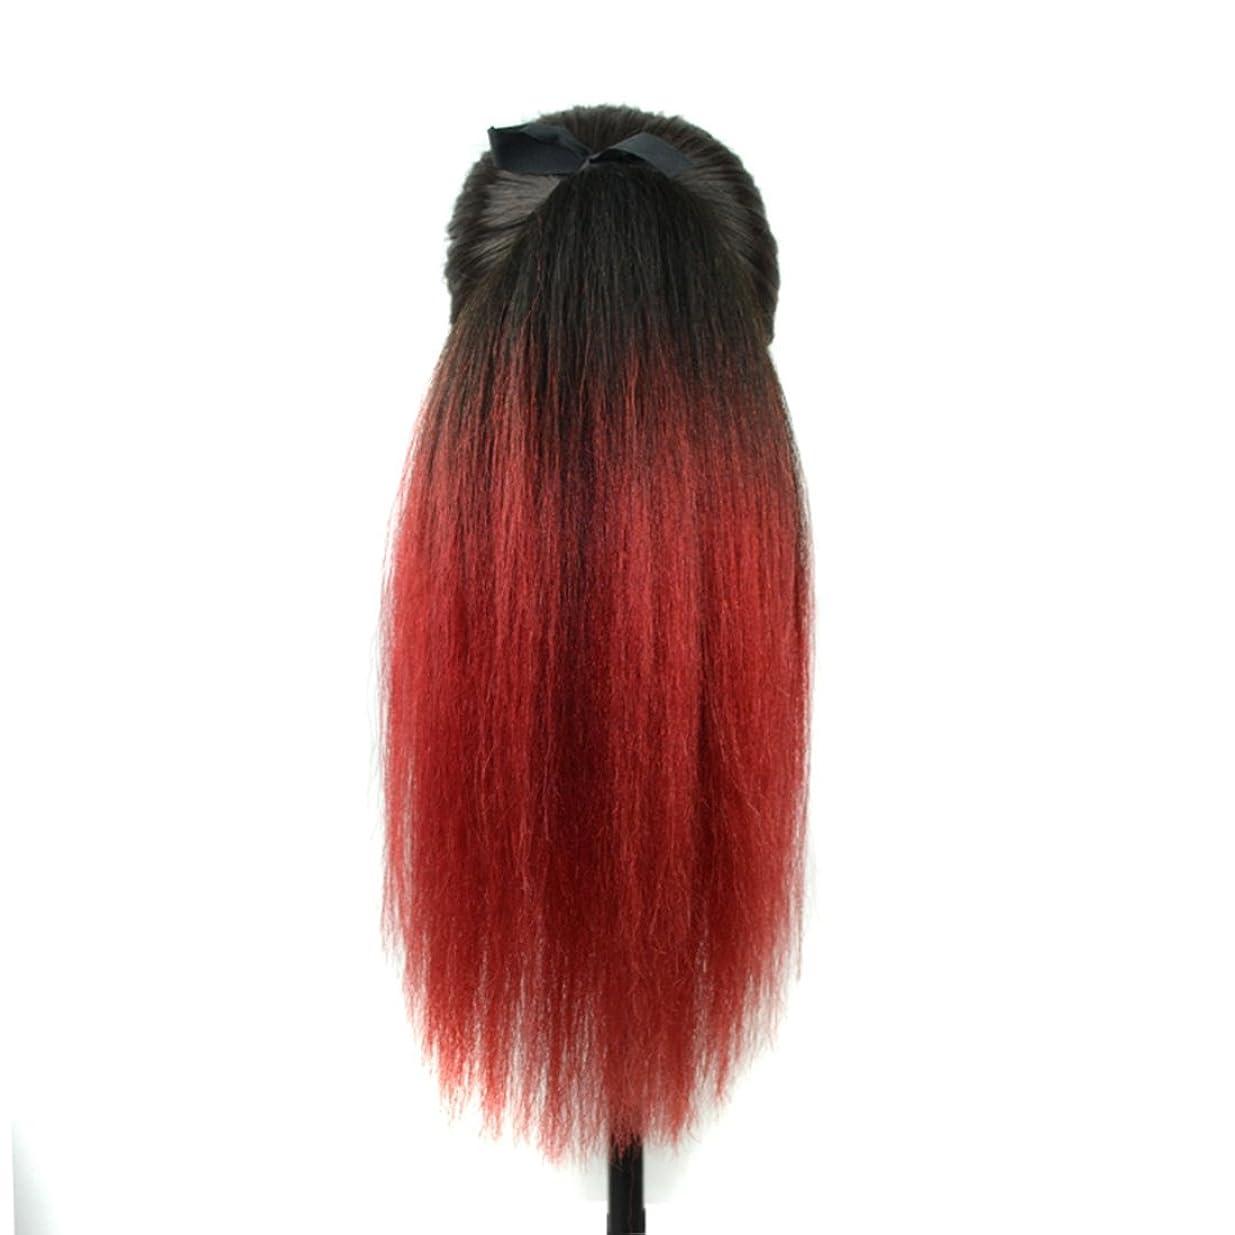 過半数ツールジャーナリストDoyvanntgo 短い混合リアルヘアピースポニーテールナチュラルカラーブラックグラデーションレッドふわふわストレートヘアエクステンションウィッグ (Color : Black gradient big red)